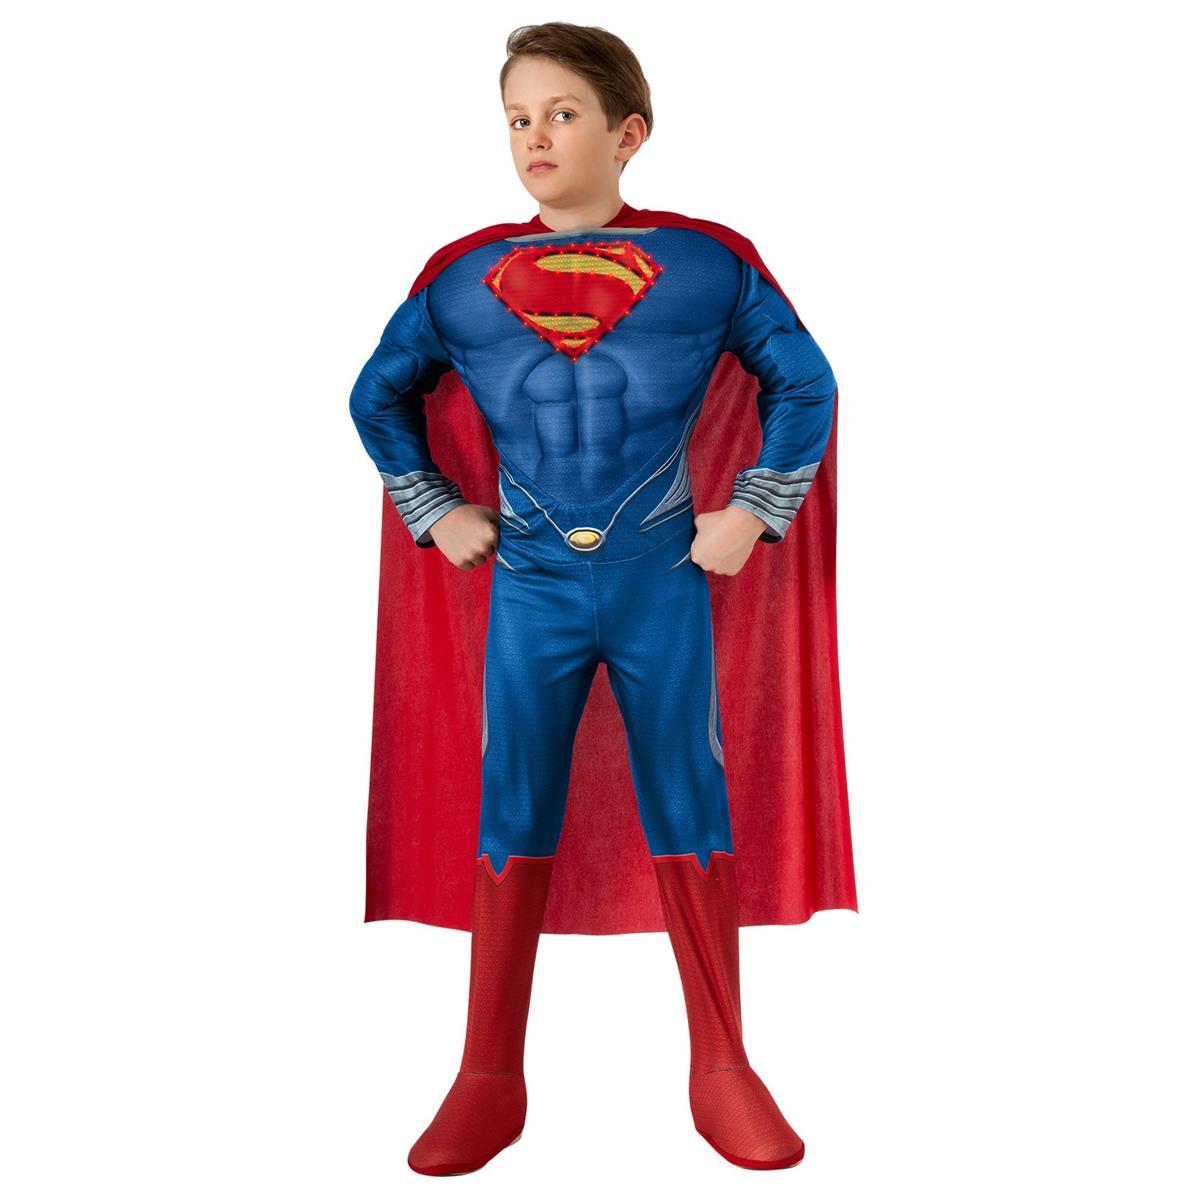 コスプレ 子供 衣装 男の子 人気 スーパーマン マン・オブ・スティール 映画 デラックス ライトアップ ・コスチューム